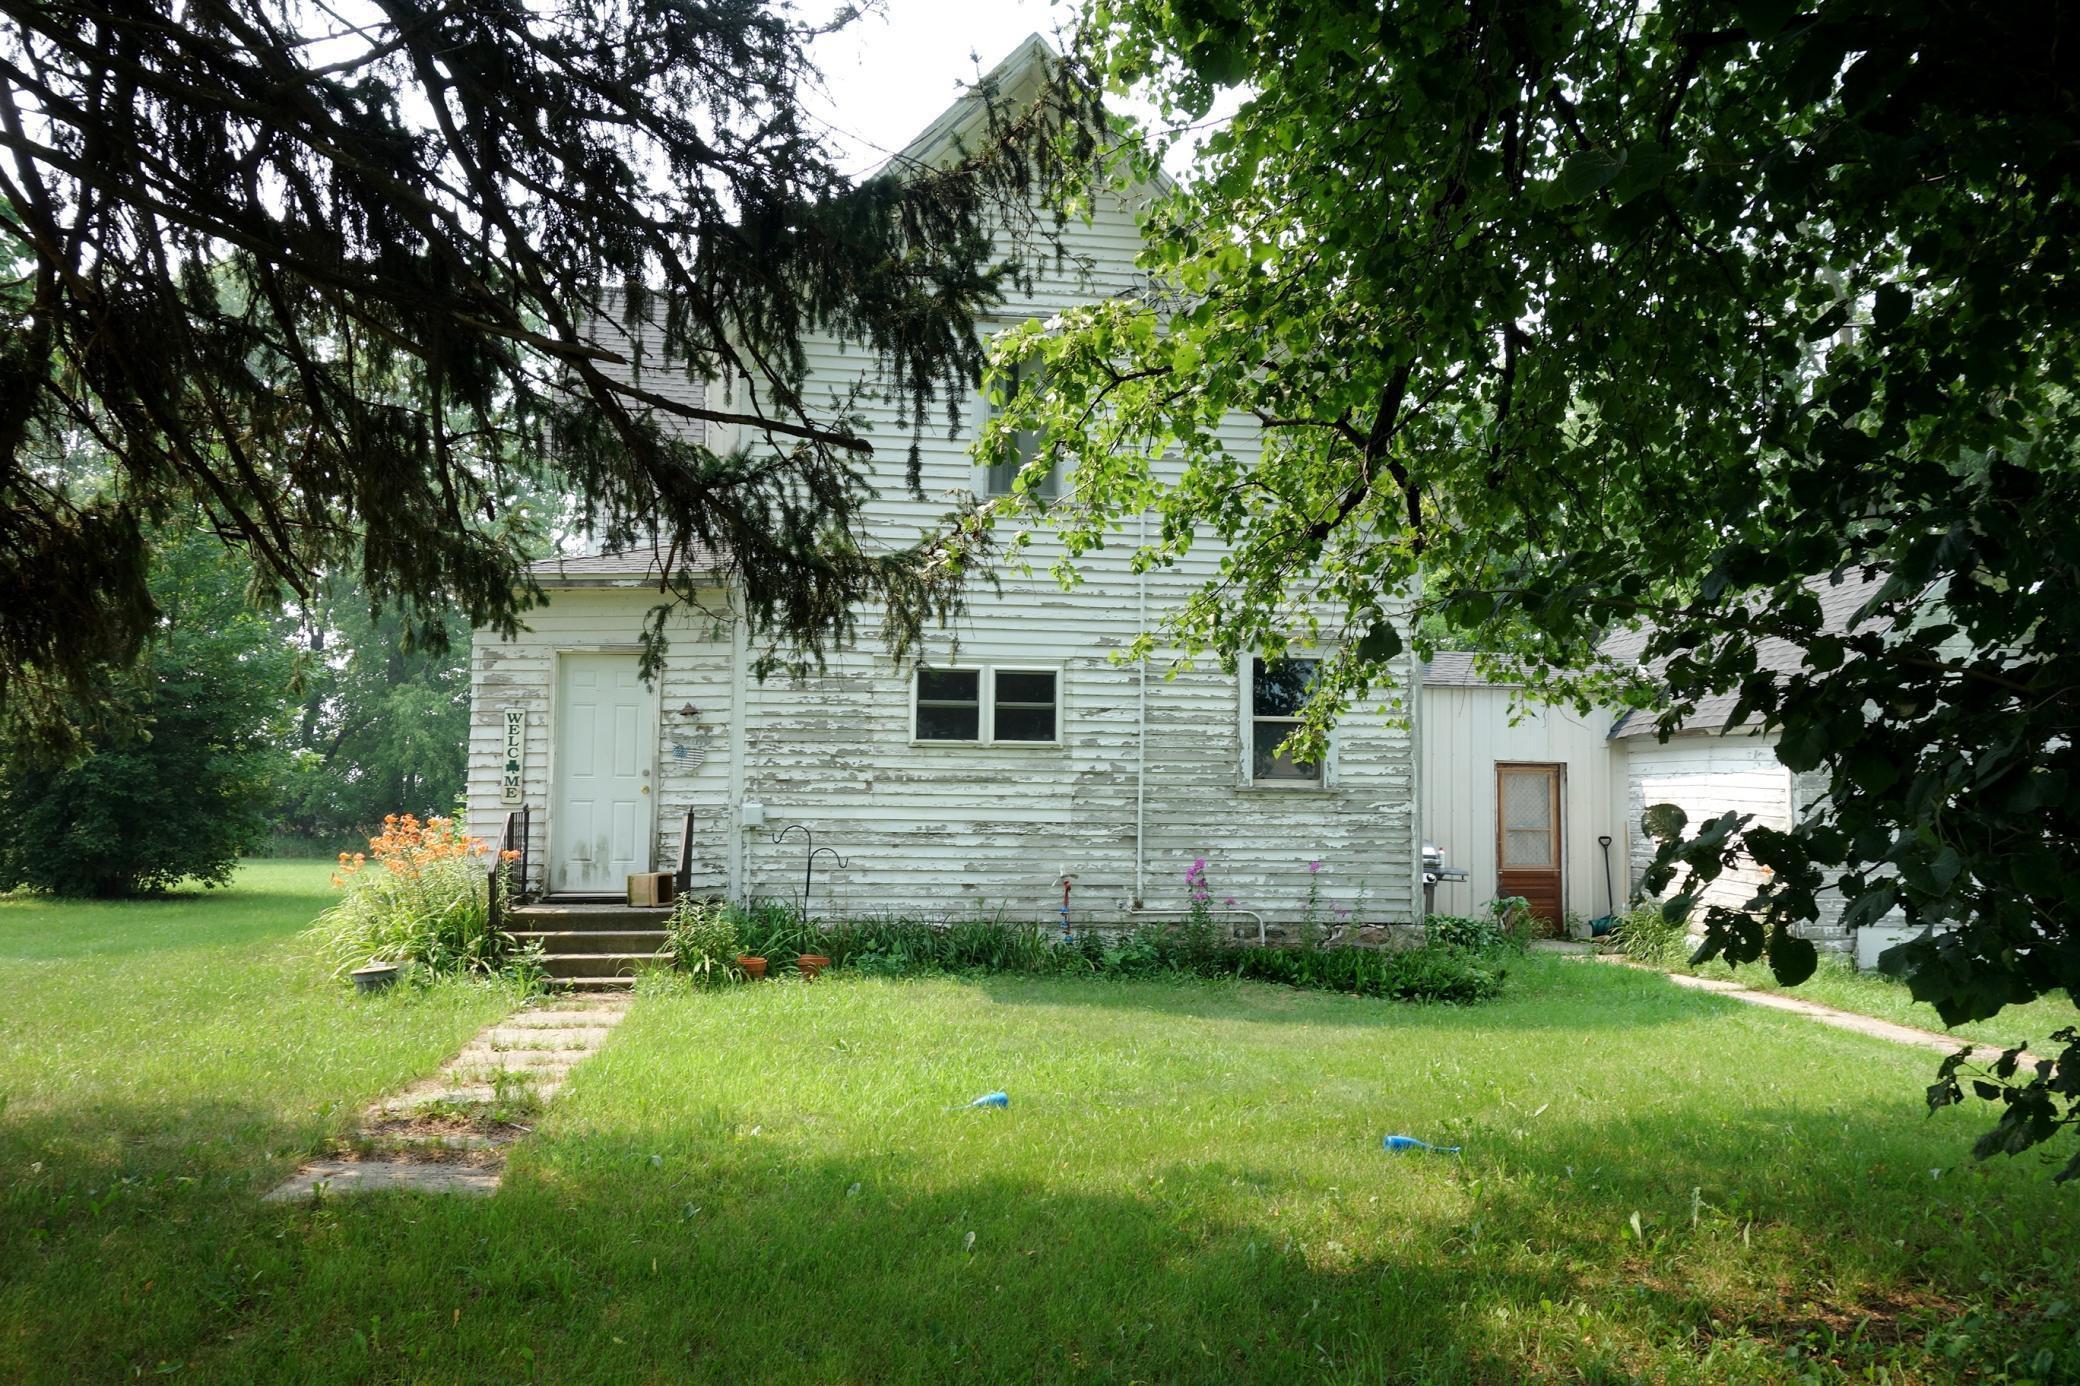 53184 335th Street, Blooming Prairie, MN 55917